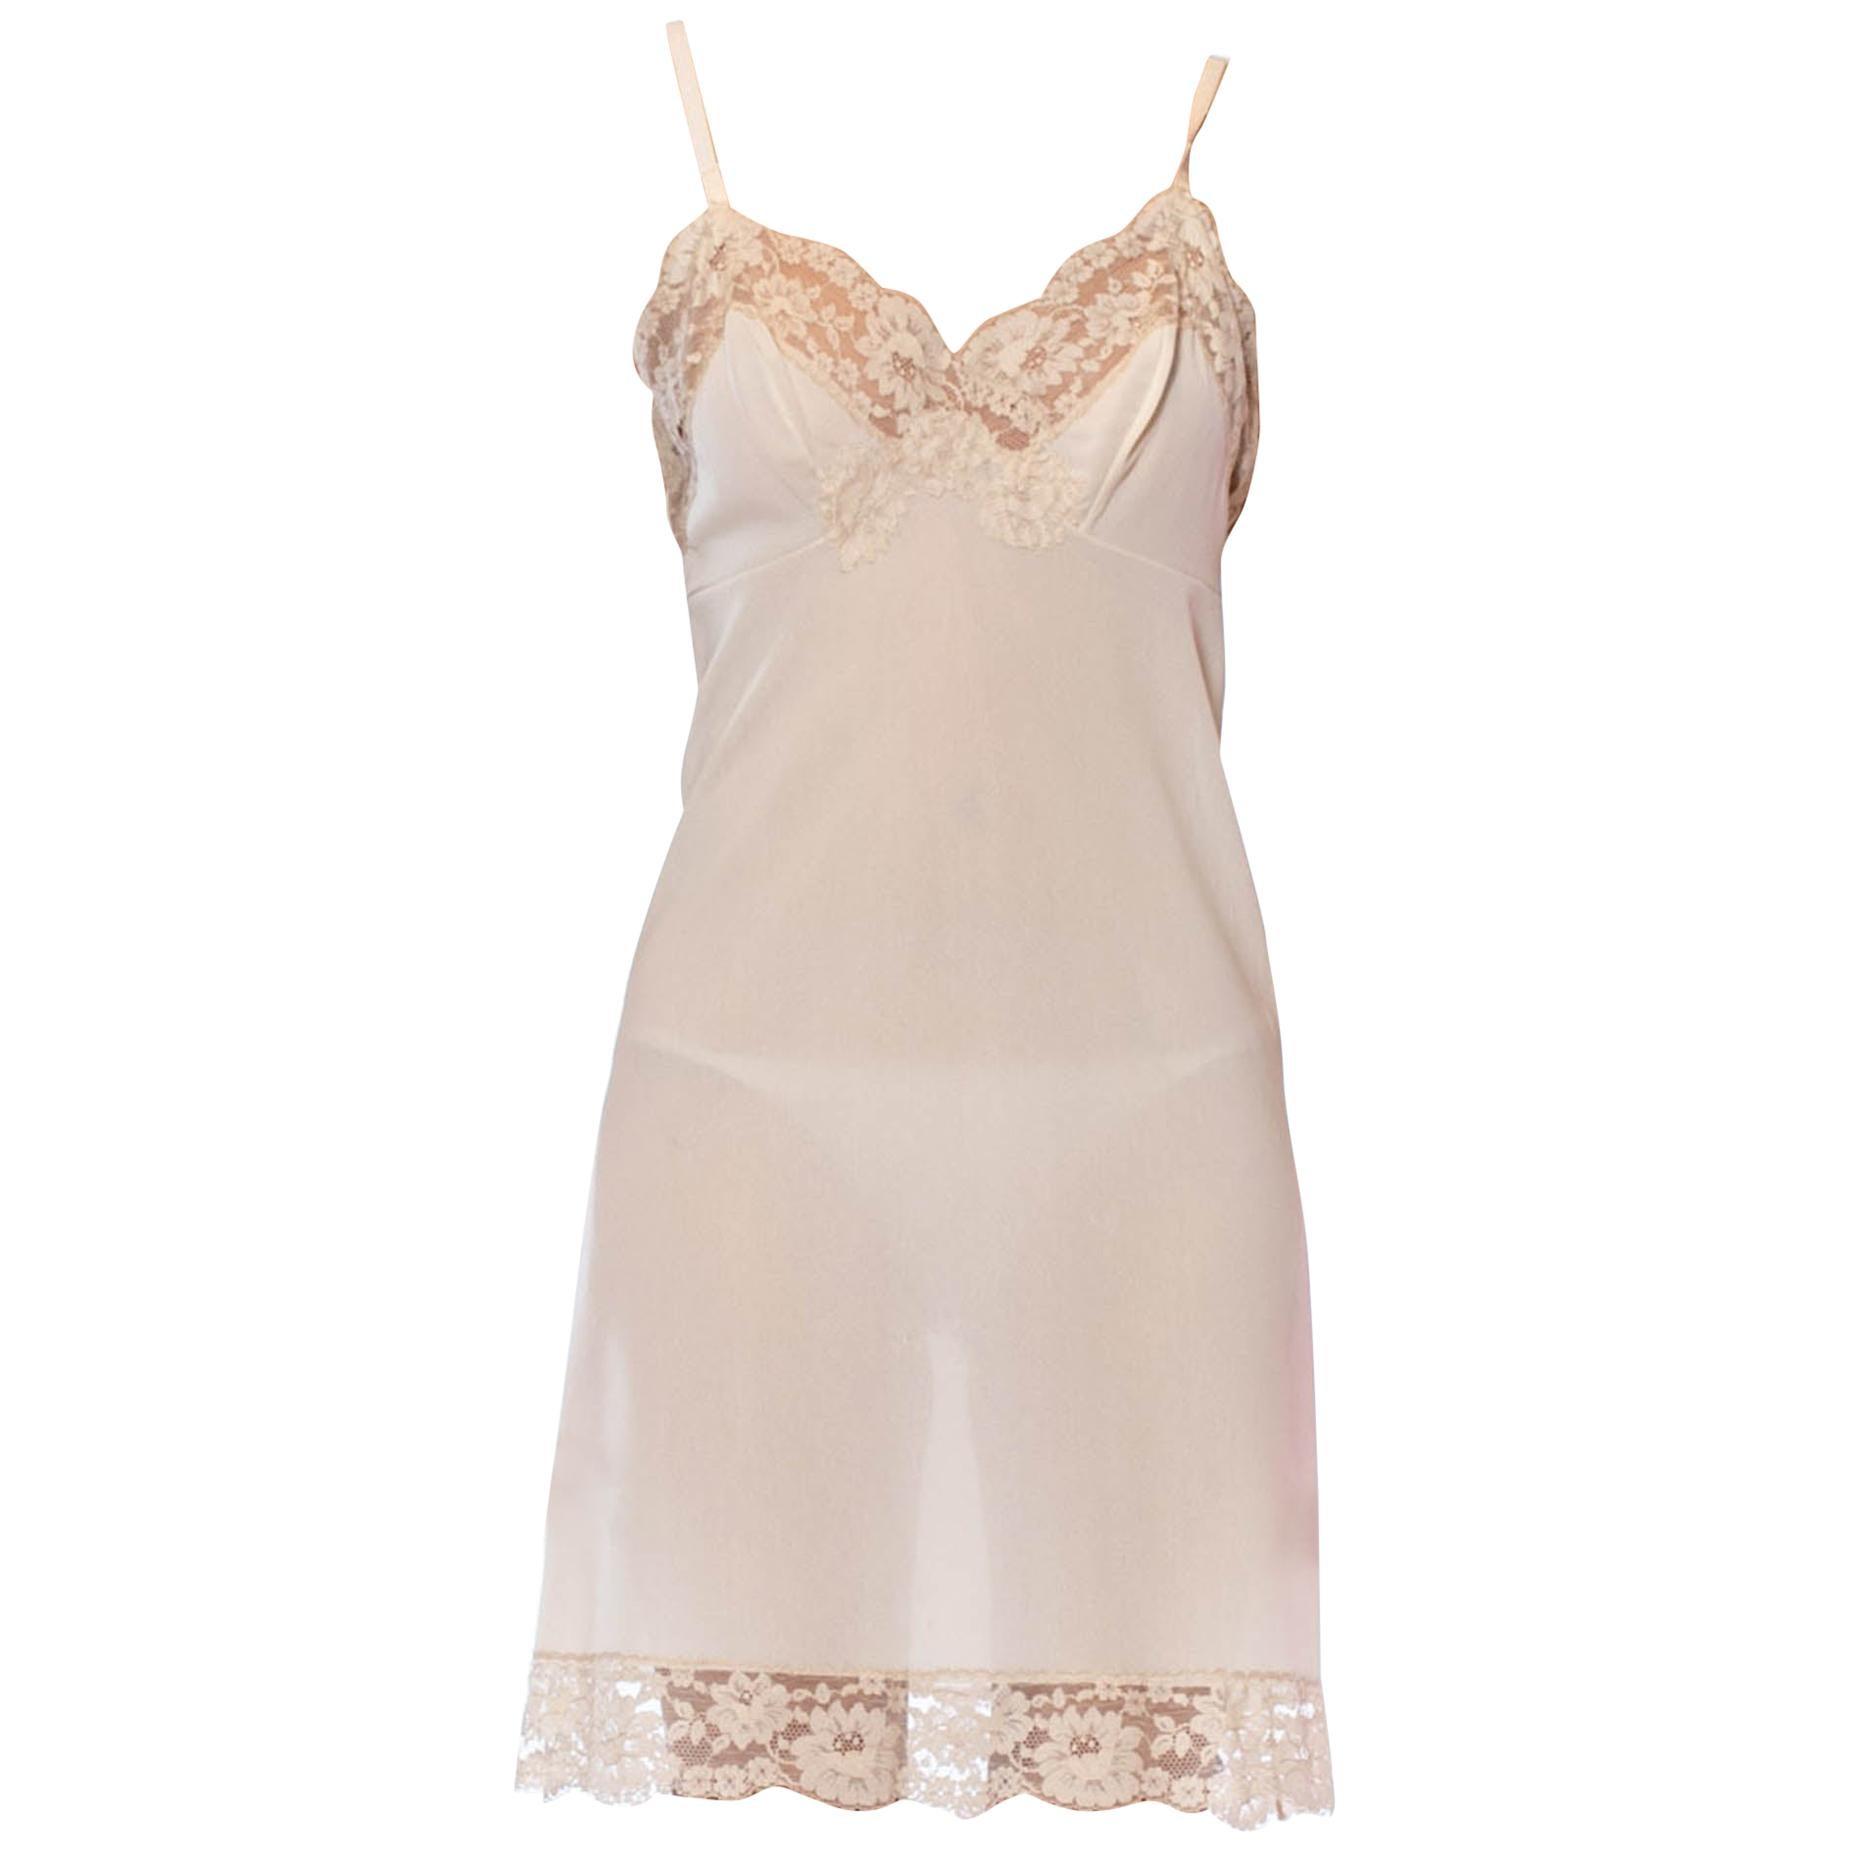 1960'S Ivory Nylon White Cream Slip Dress